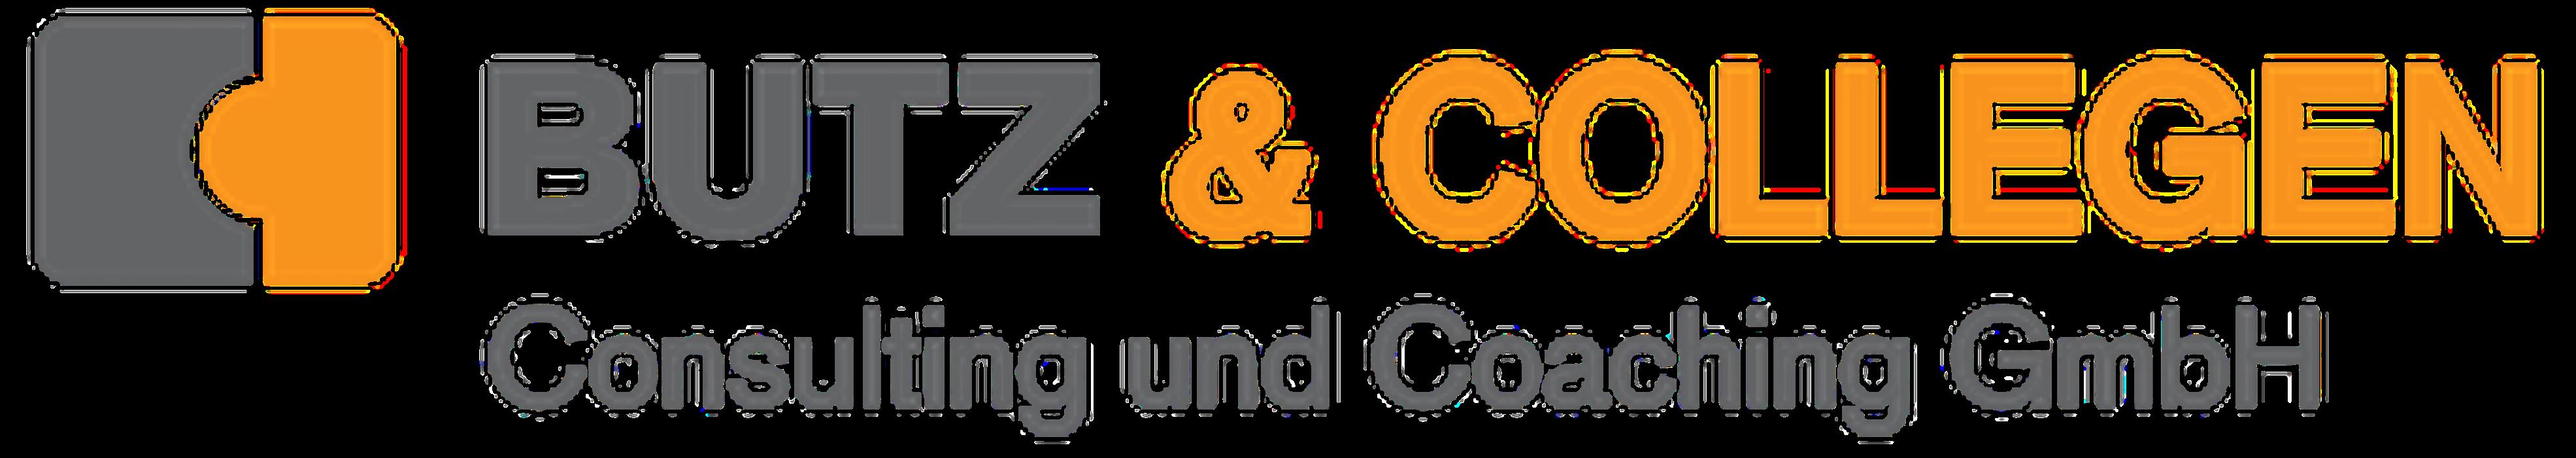 Bild zu BUTZ & COLLEGEN Consulting und Coaching GmbH in Pfullendorf